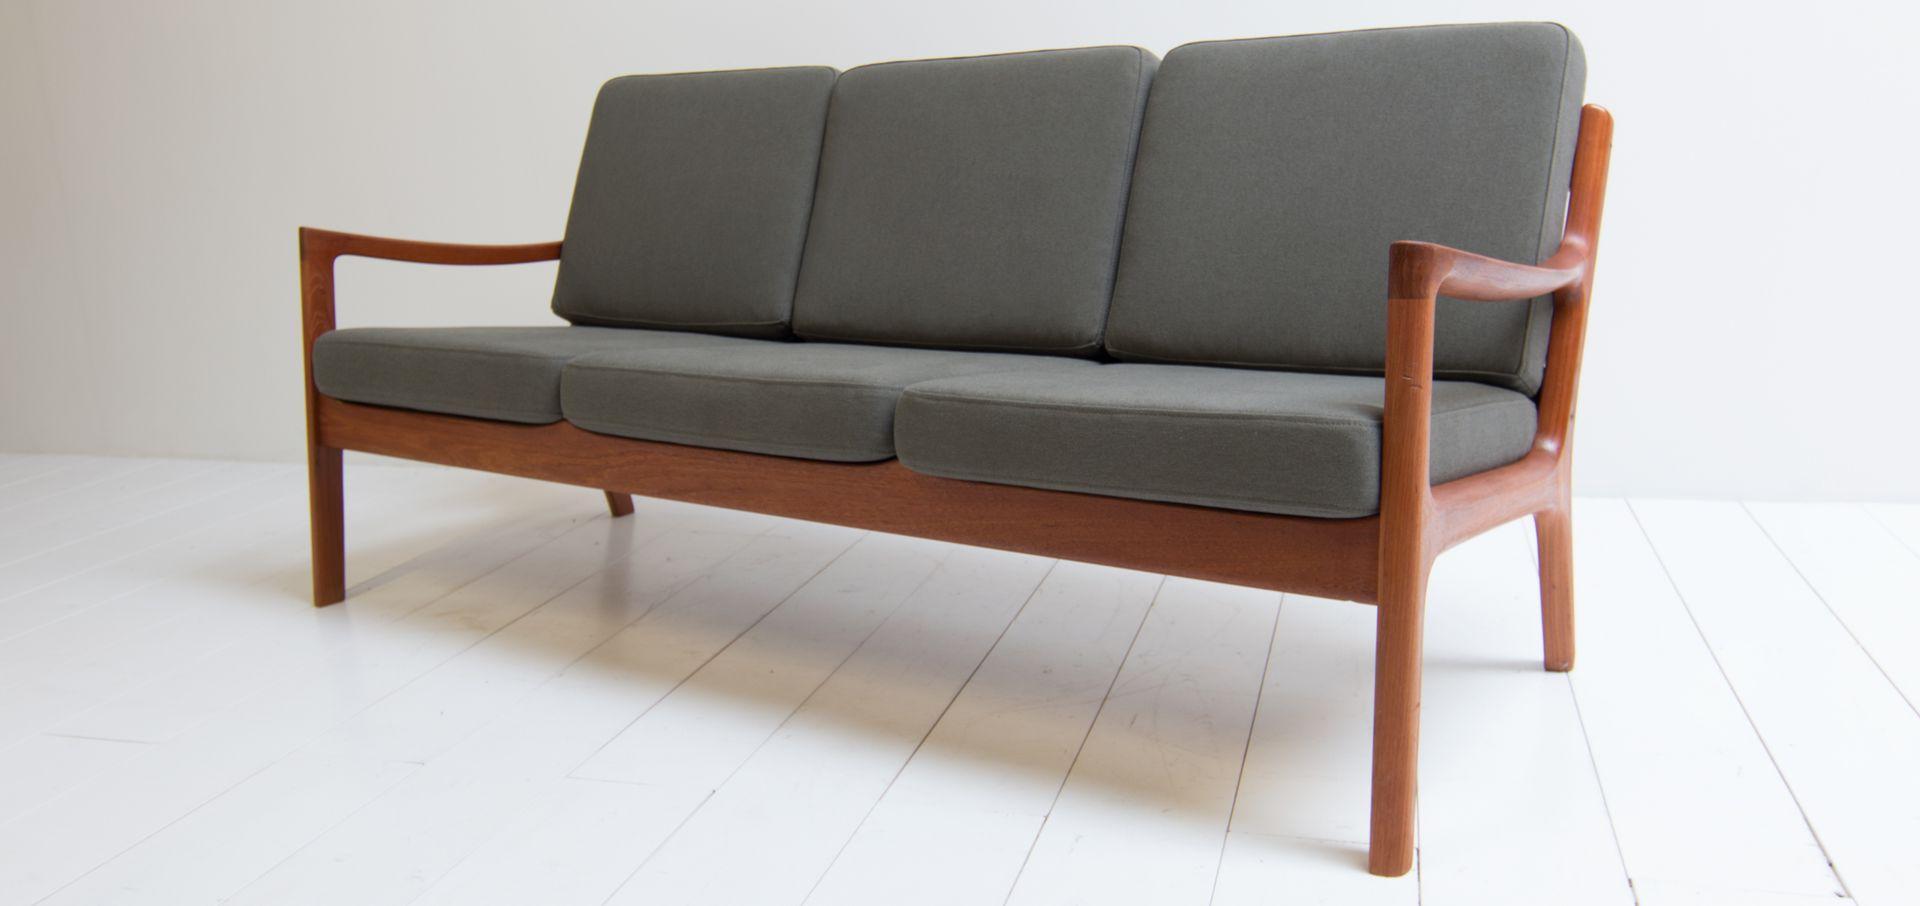 d nisches drei sitzer sofa von ole wanscher f r france. Black Bedroom Furniture Sets. Home Design Ideas